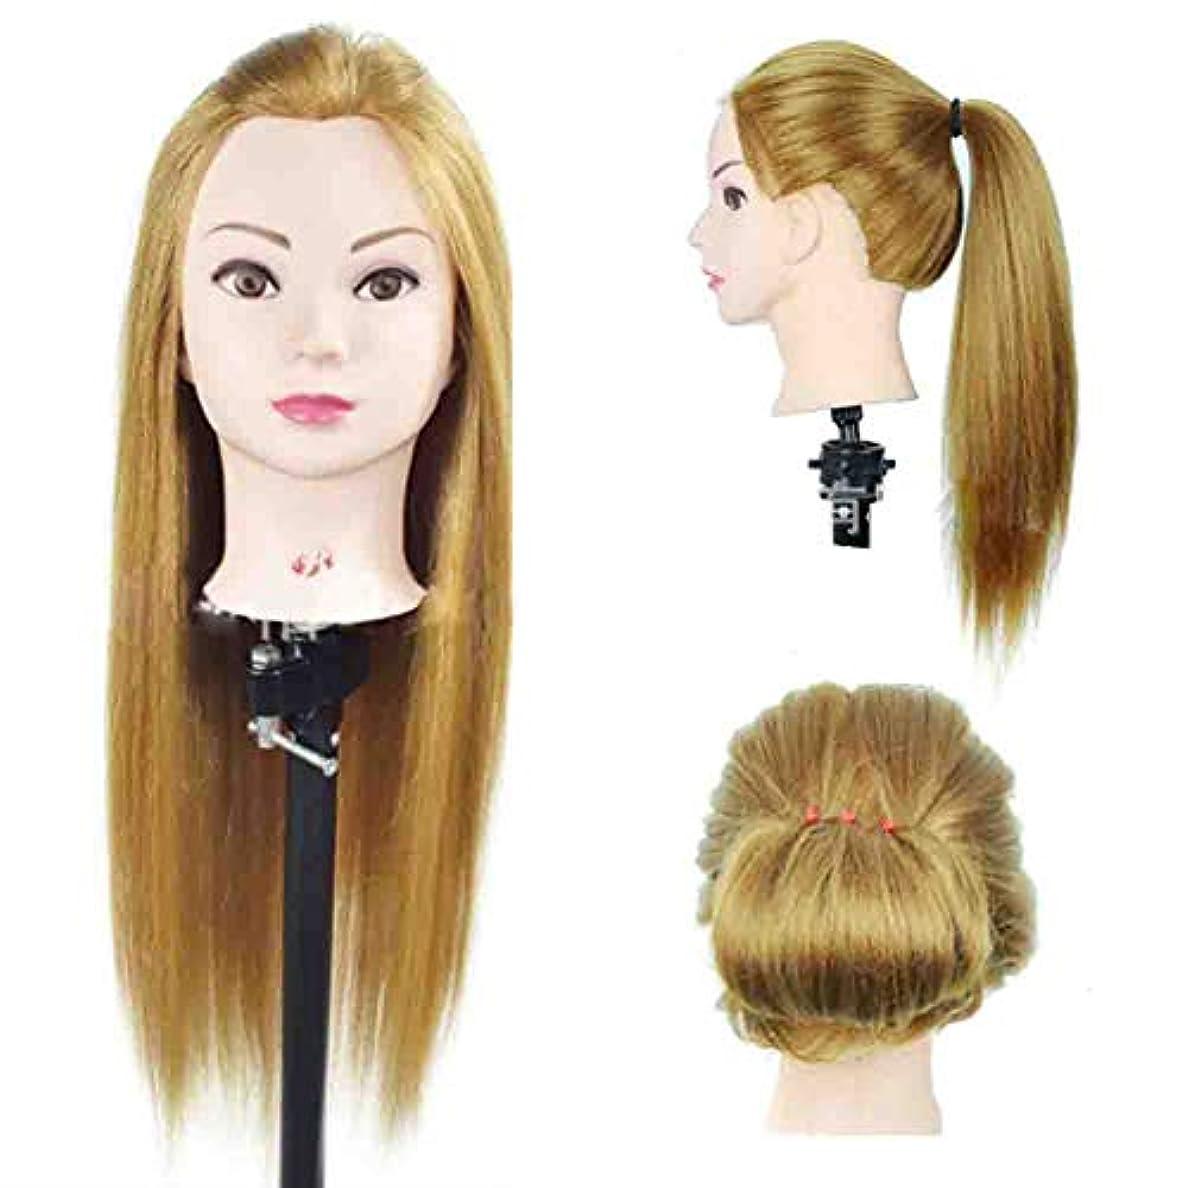 デコラティブ化学薬品影のあるサロンヘアブレイディングヘアスタイルヘアスタイルヘアスタイルヘアスタイルヘアスタイルヘアスタイル